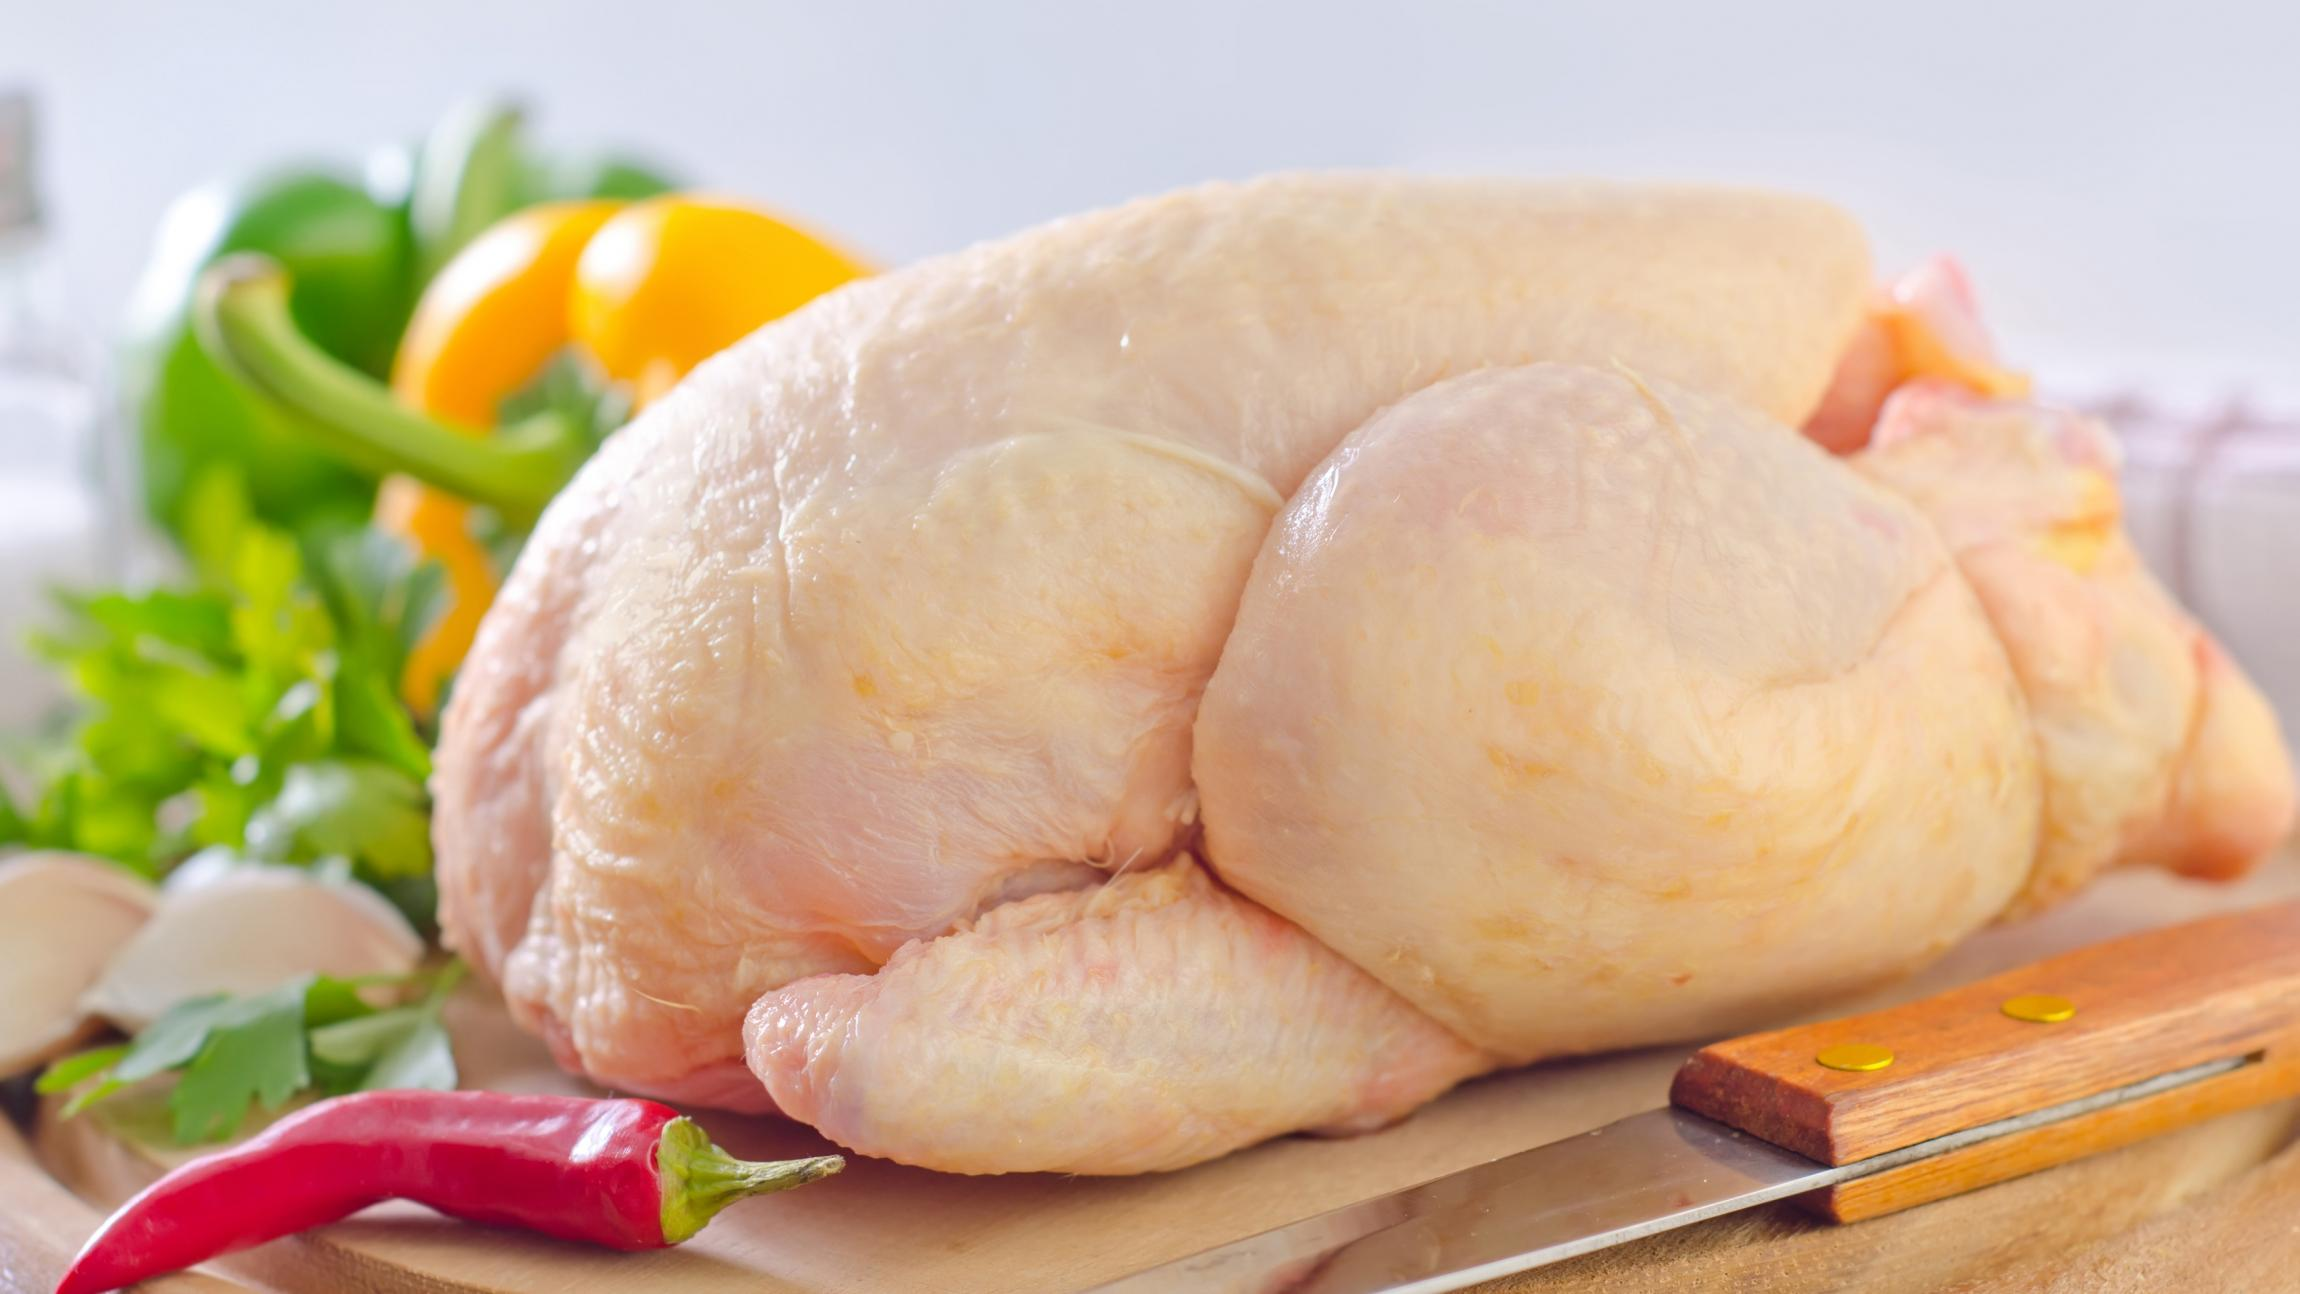 hvad vejer et kyllingebryst